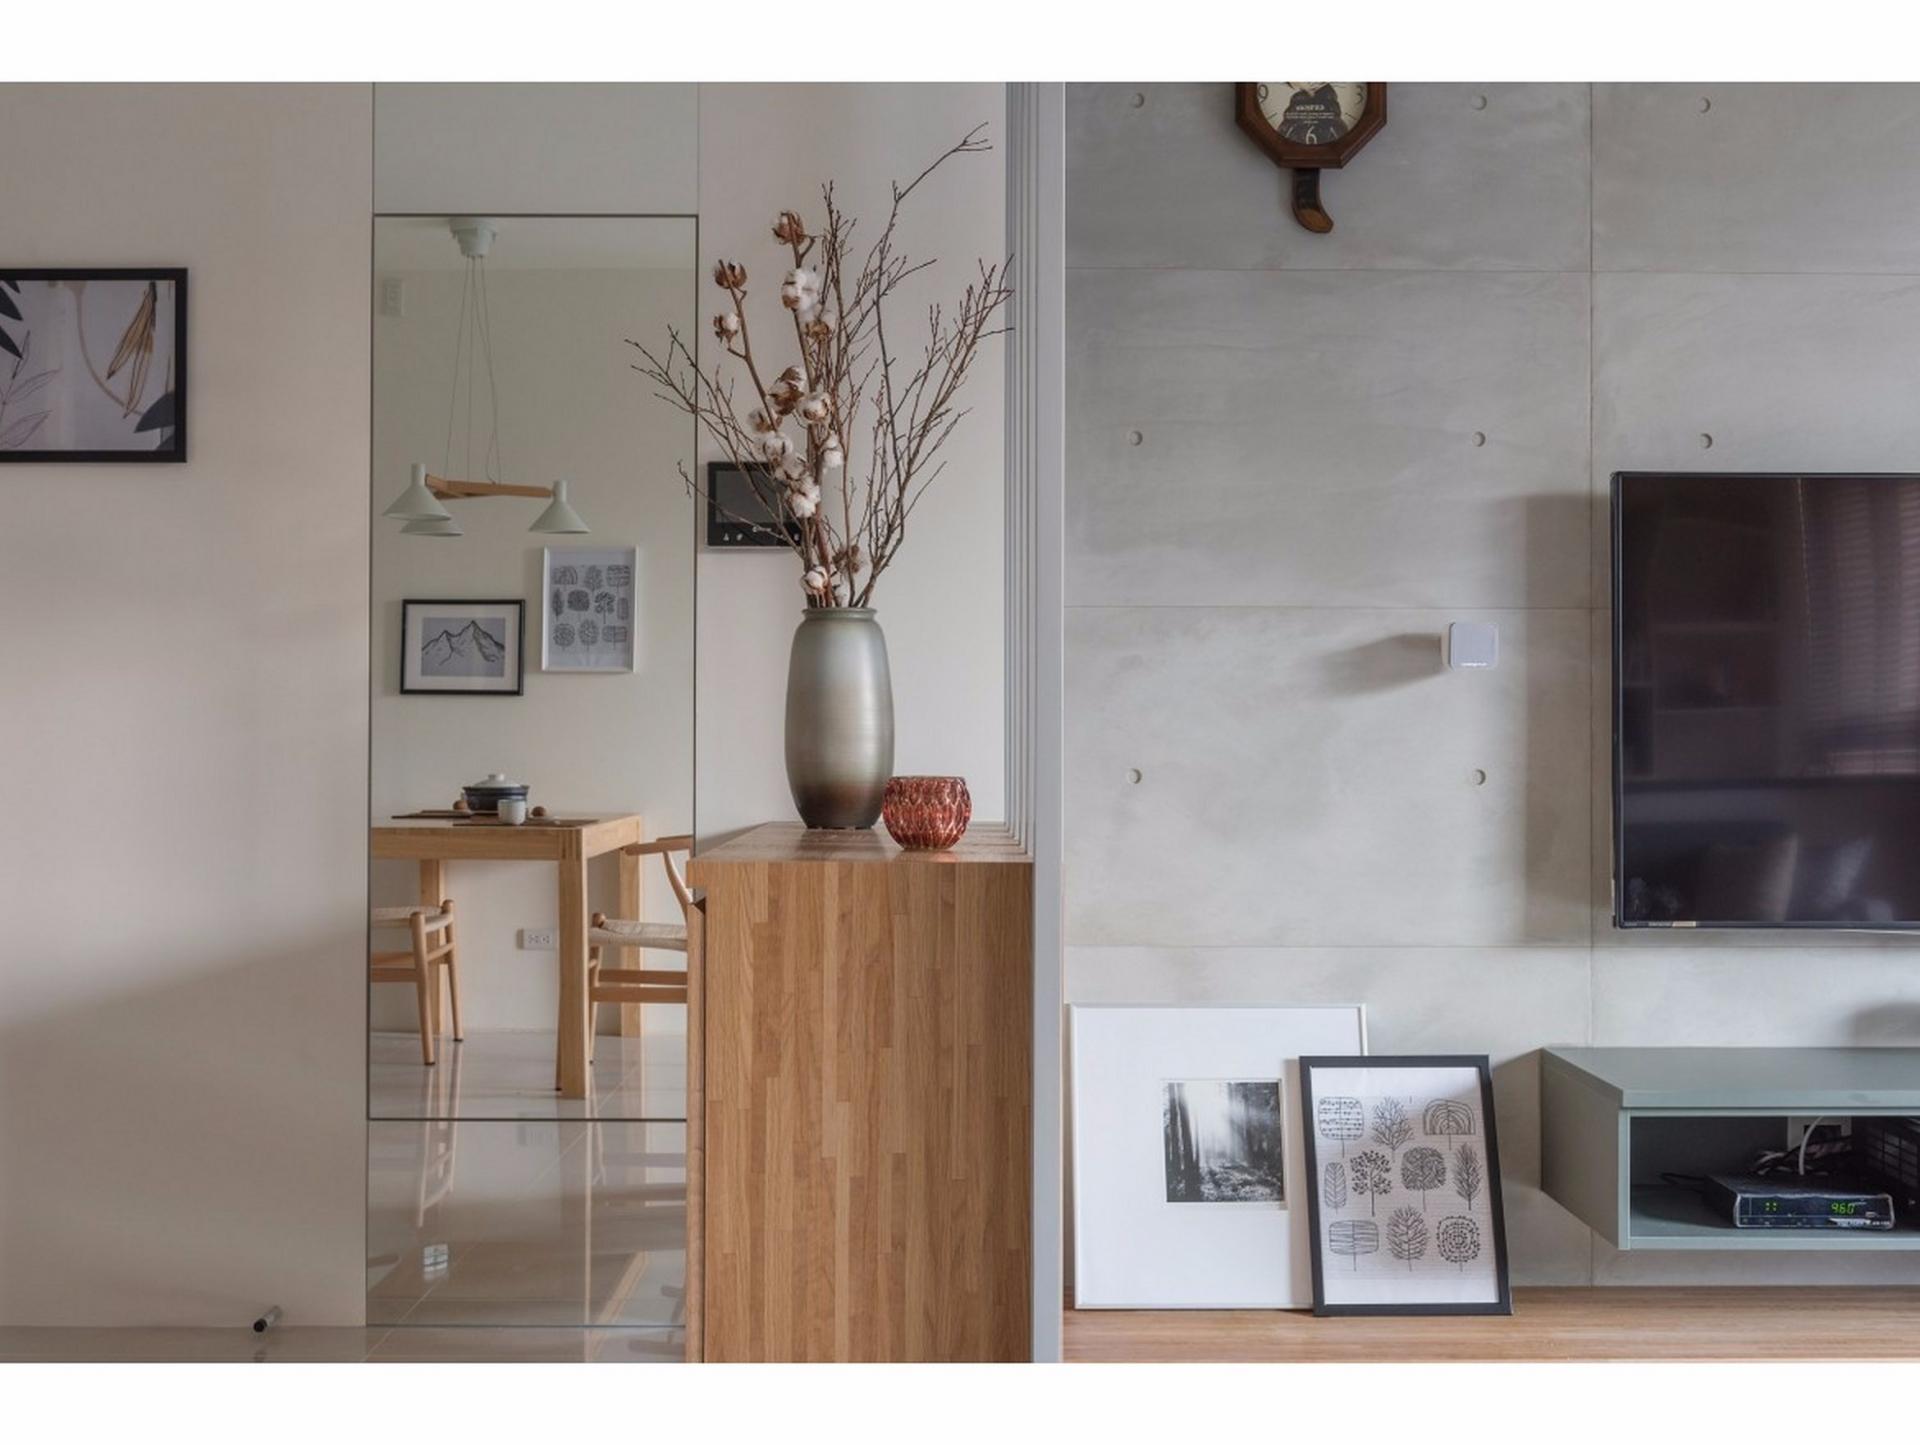 56平米单身小公寓图_5